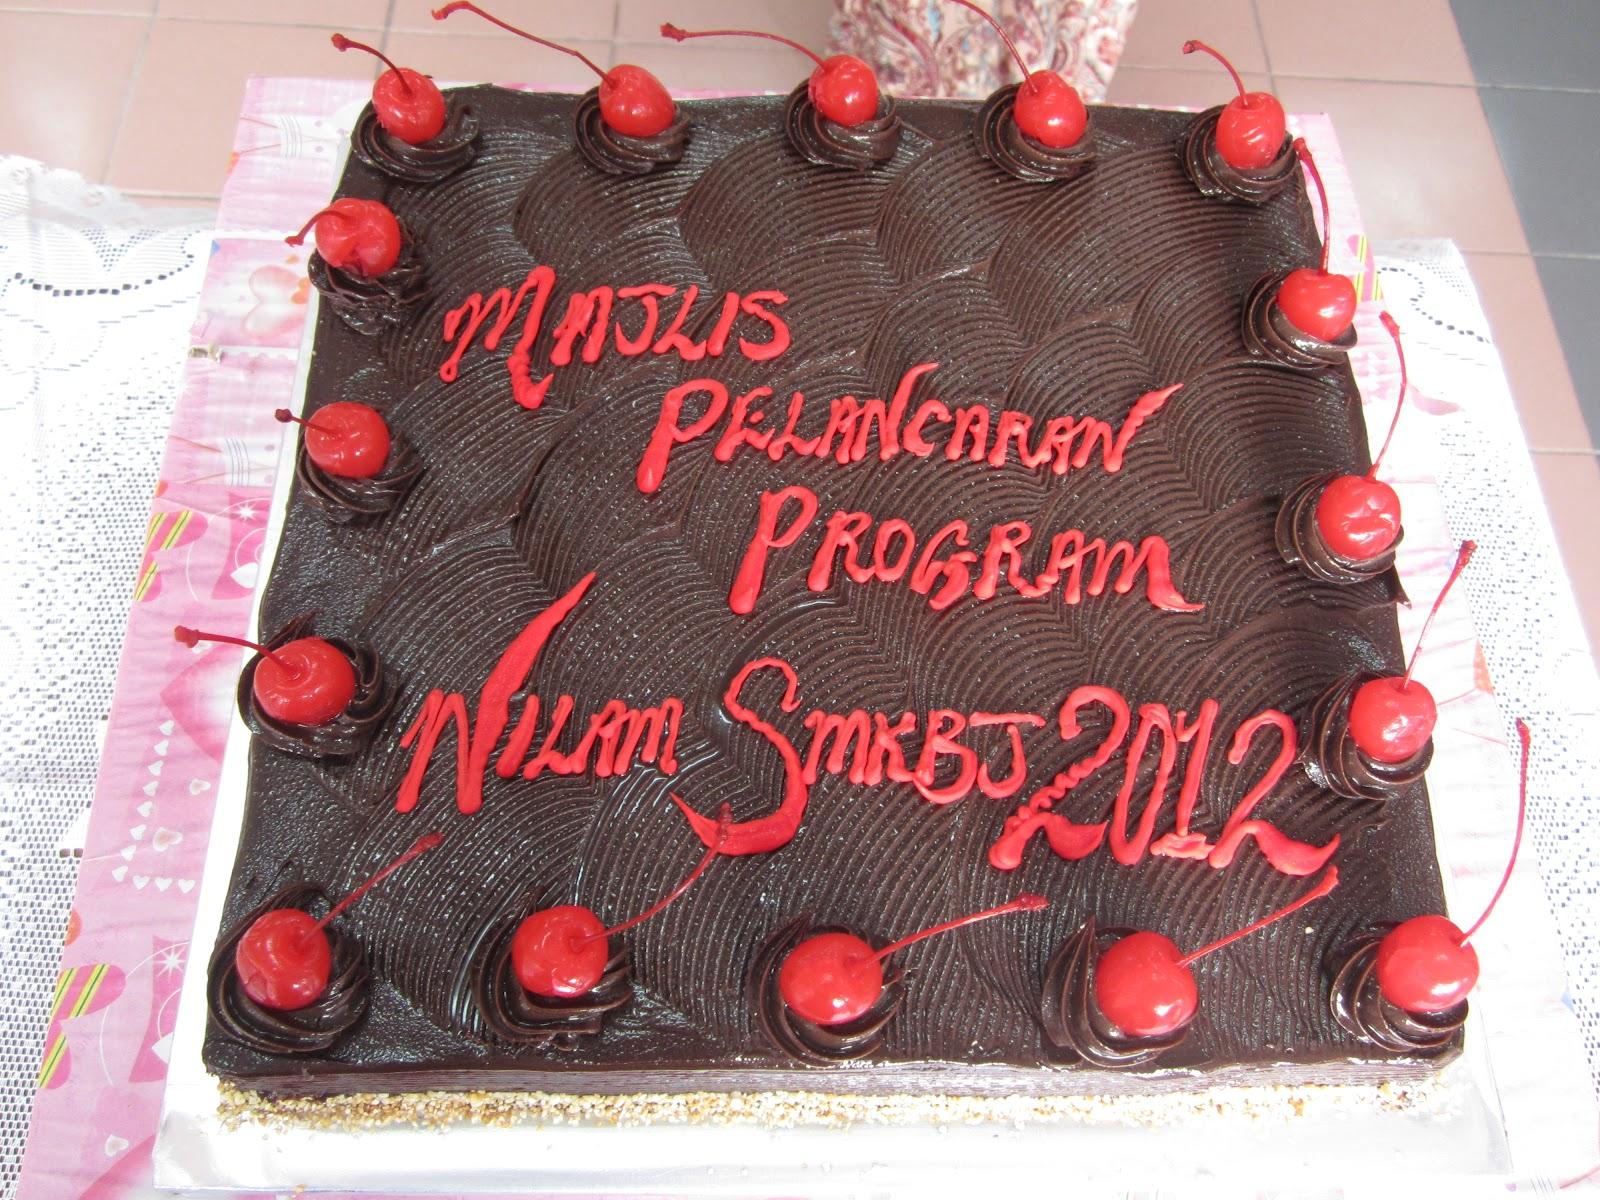 MAJLIS PELANCARAN PROGRAM NILAM 2012